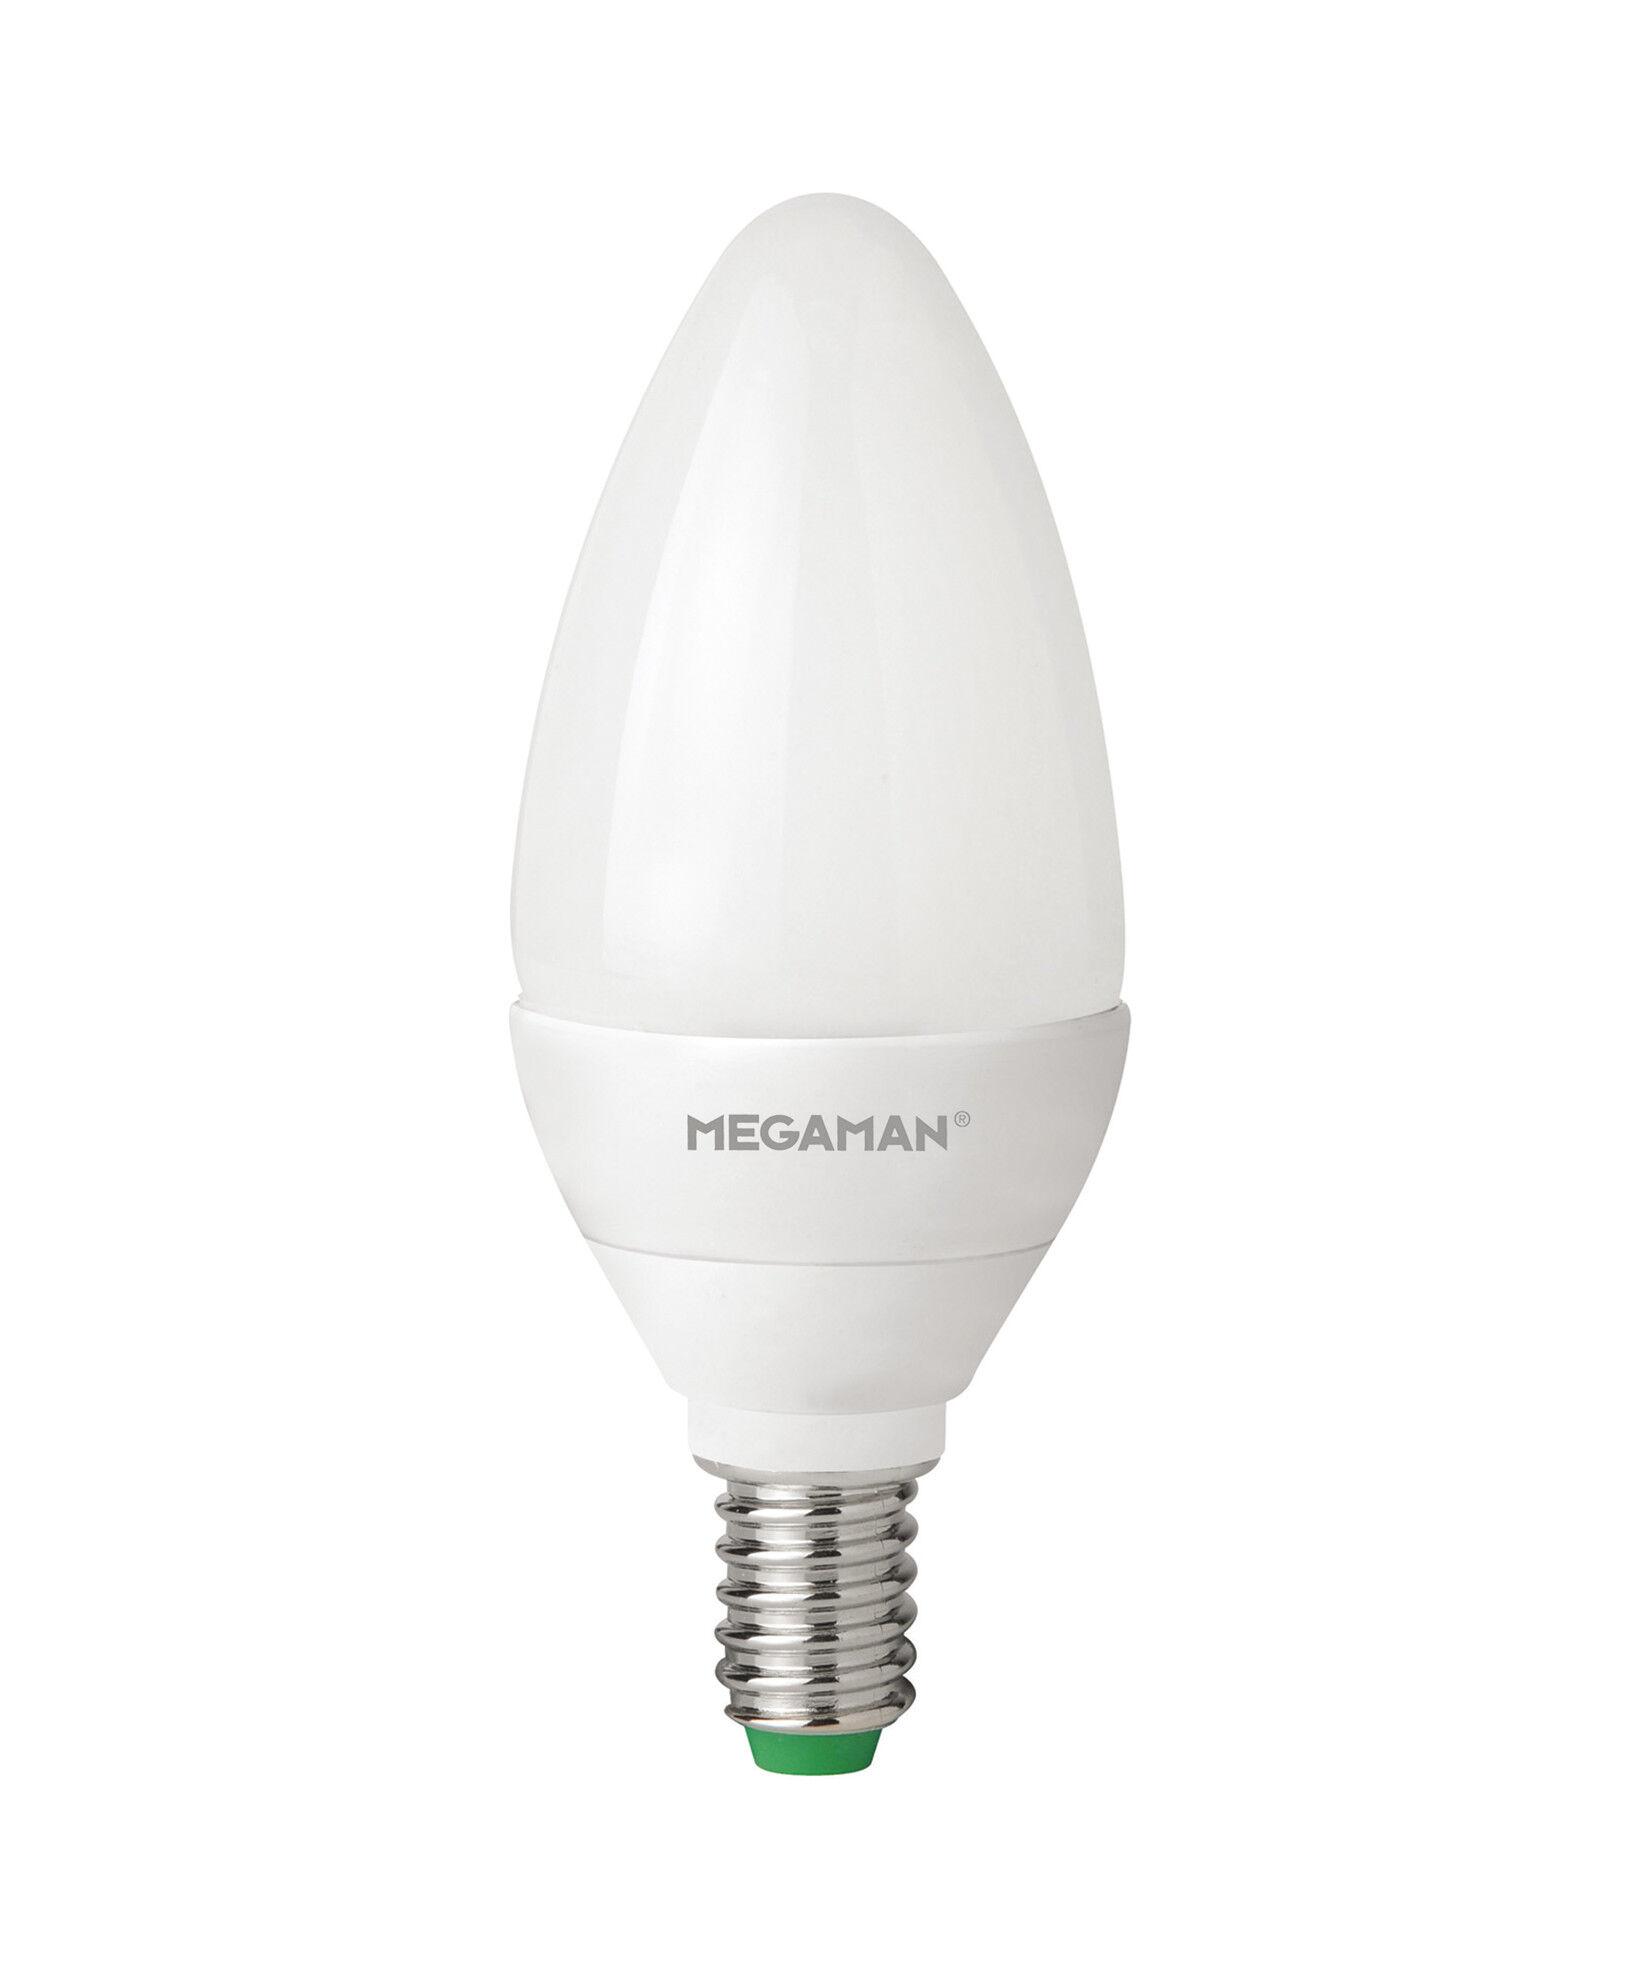 Megaman Lamppu LED 5,5W (470lm) Kynttilä Himmennettävissä E14 - Megaman